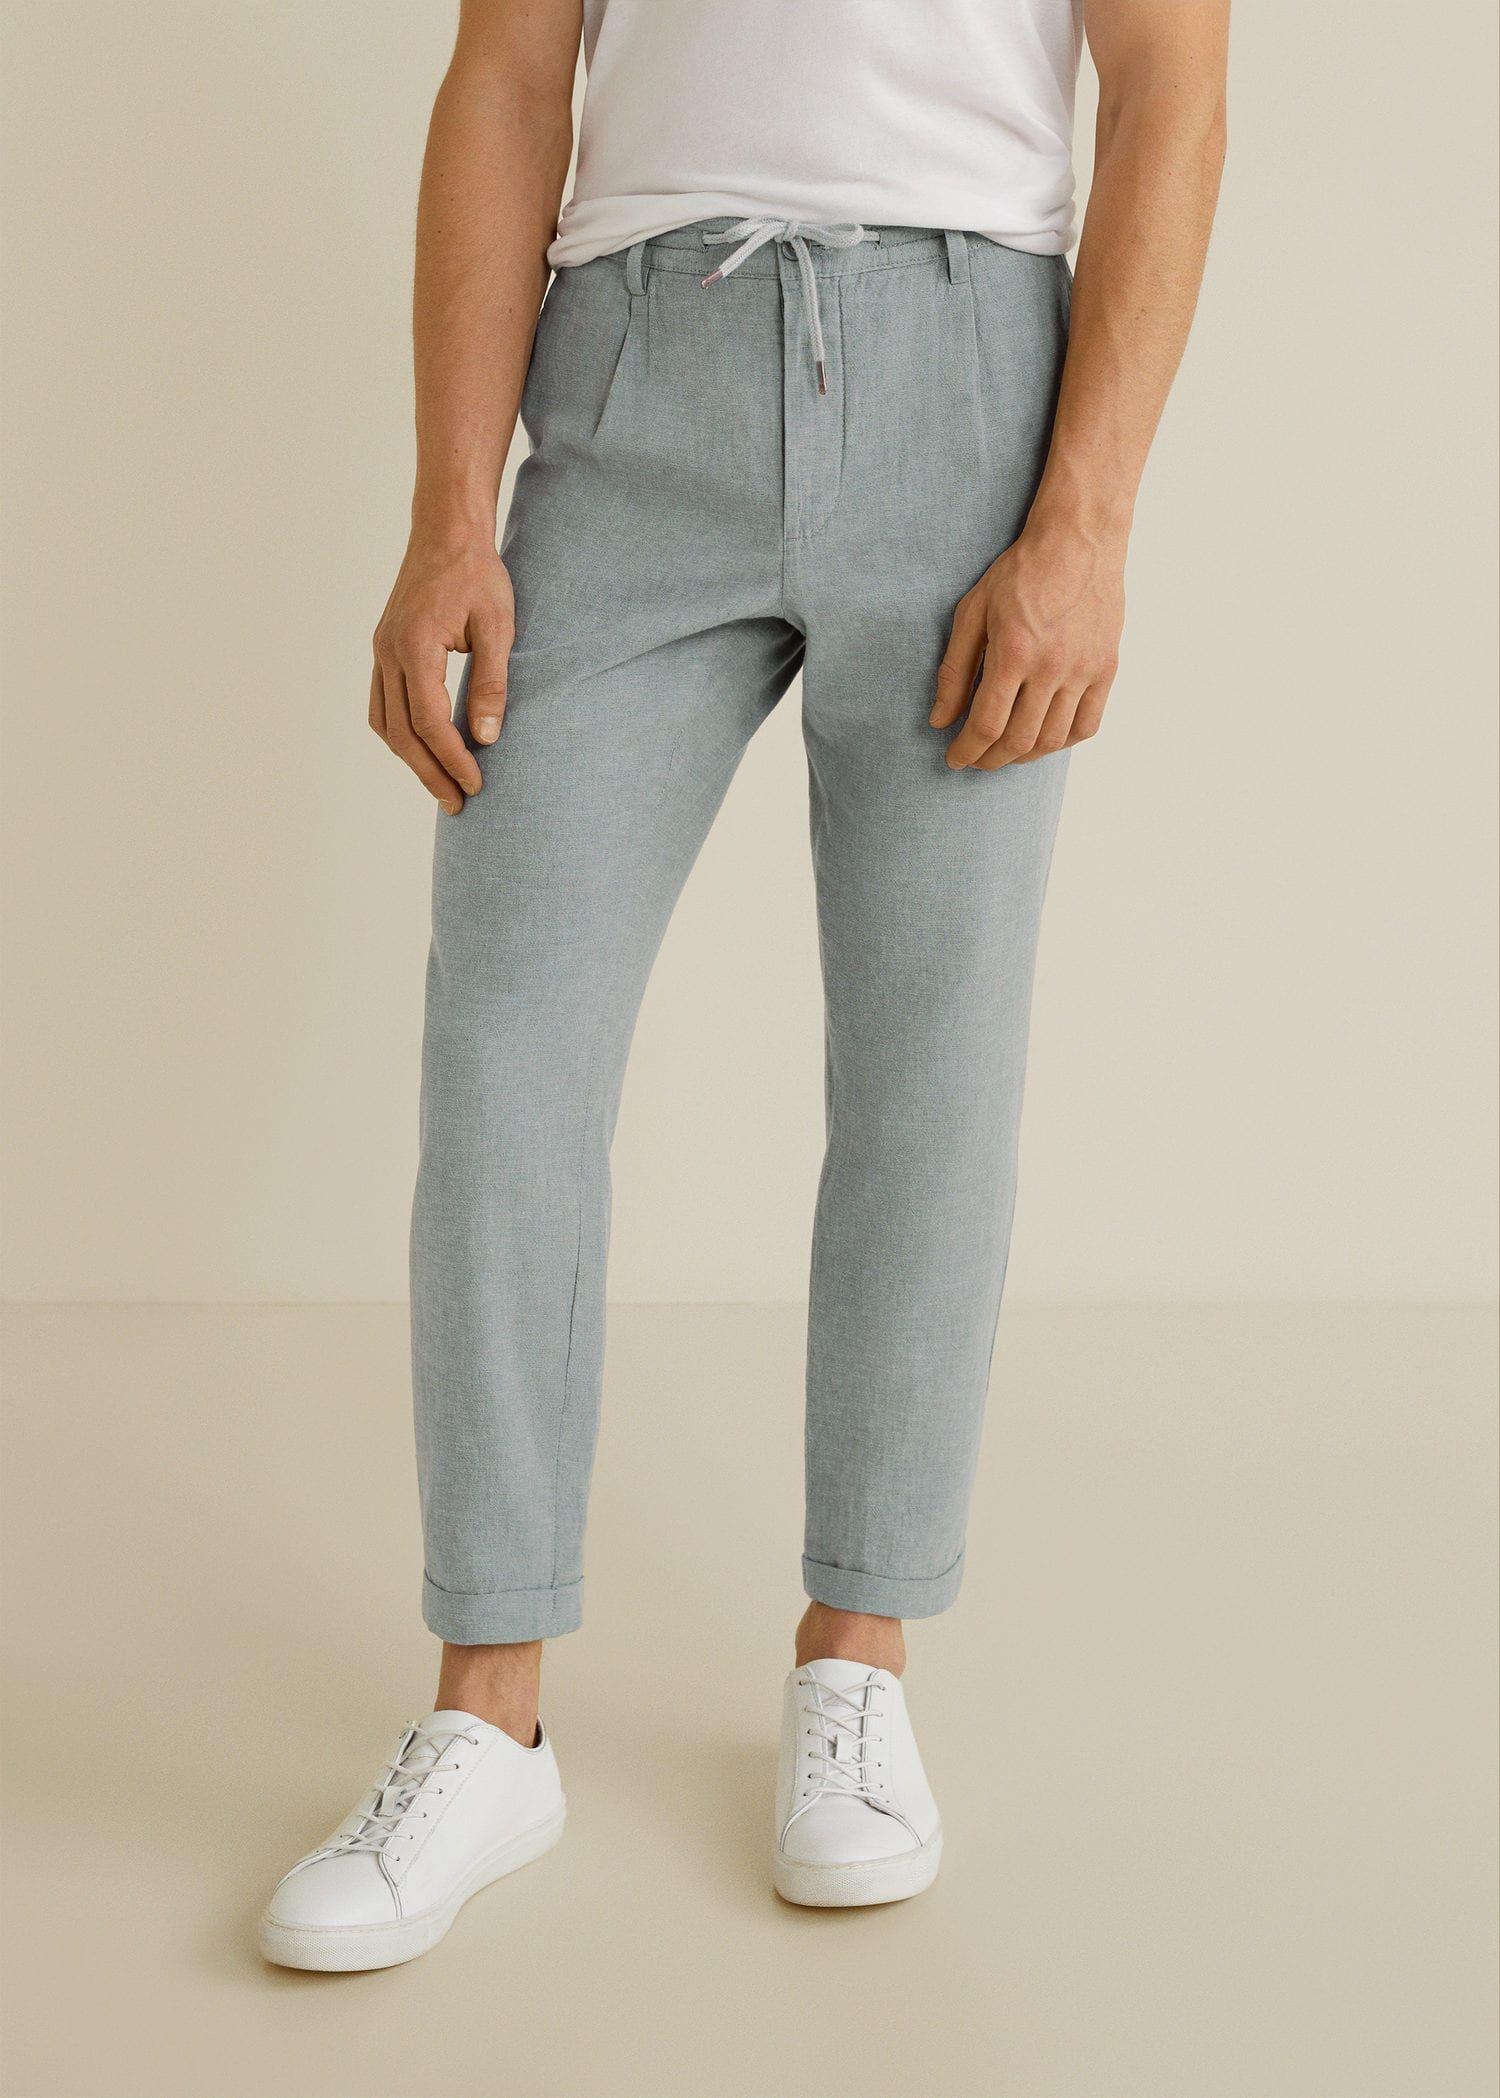 Jogger algodón lino - Hombre | Mango Man España | Moda ropa hombre,  Pantalones casuales, Ropa